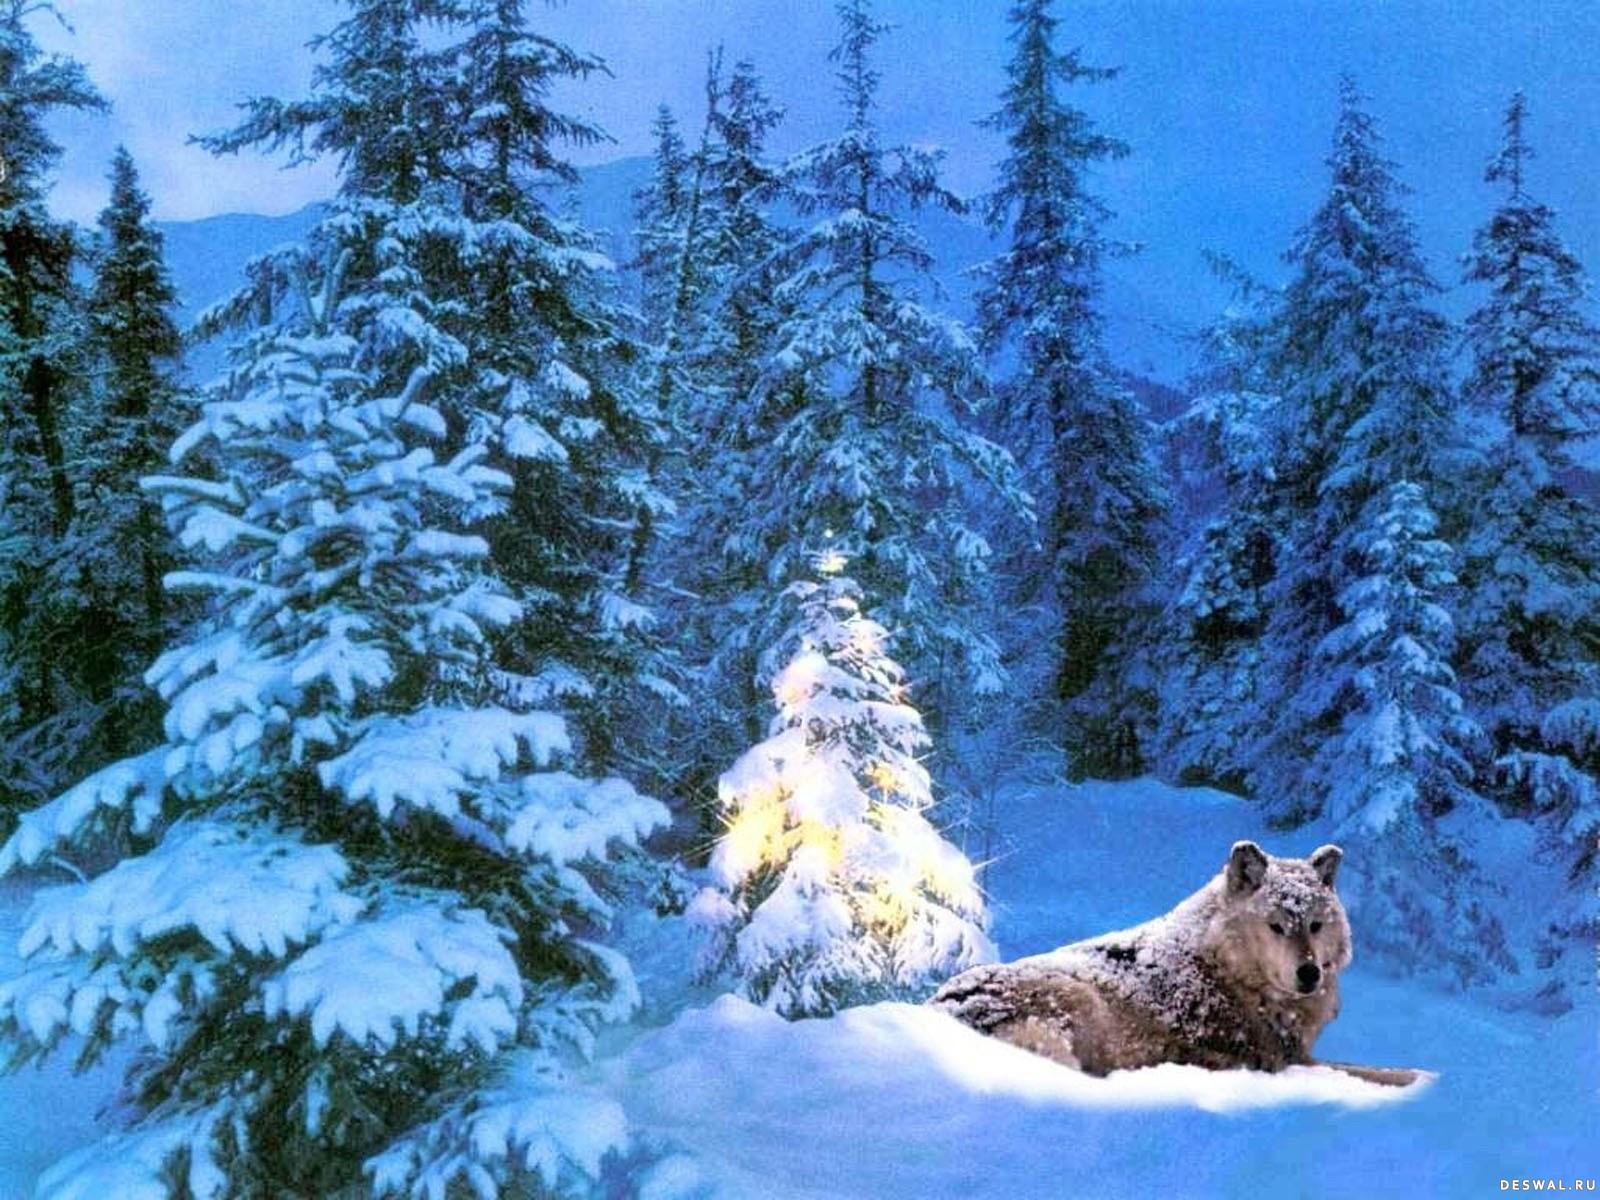 Отдыхай море, зимний лес анимашки